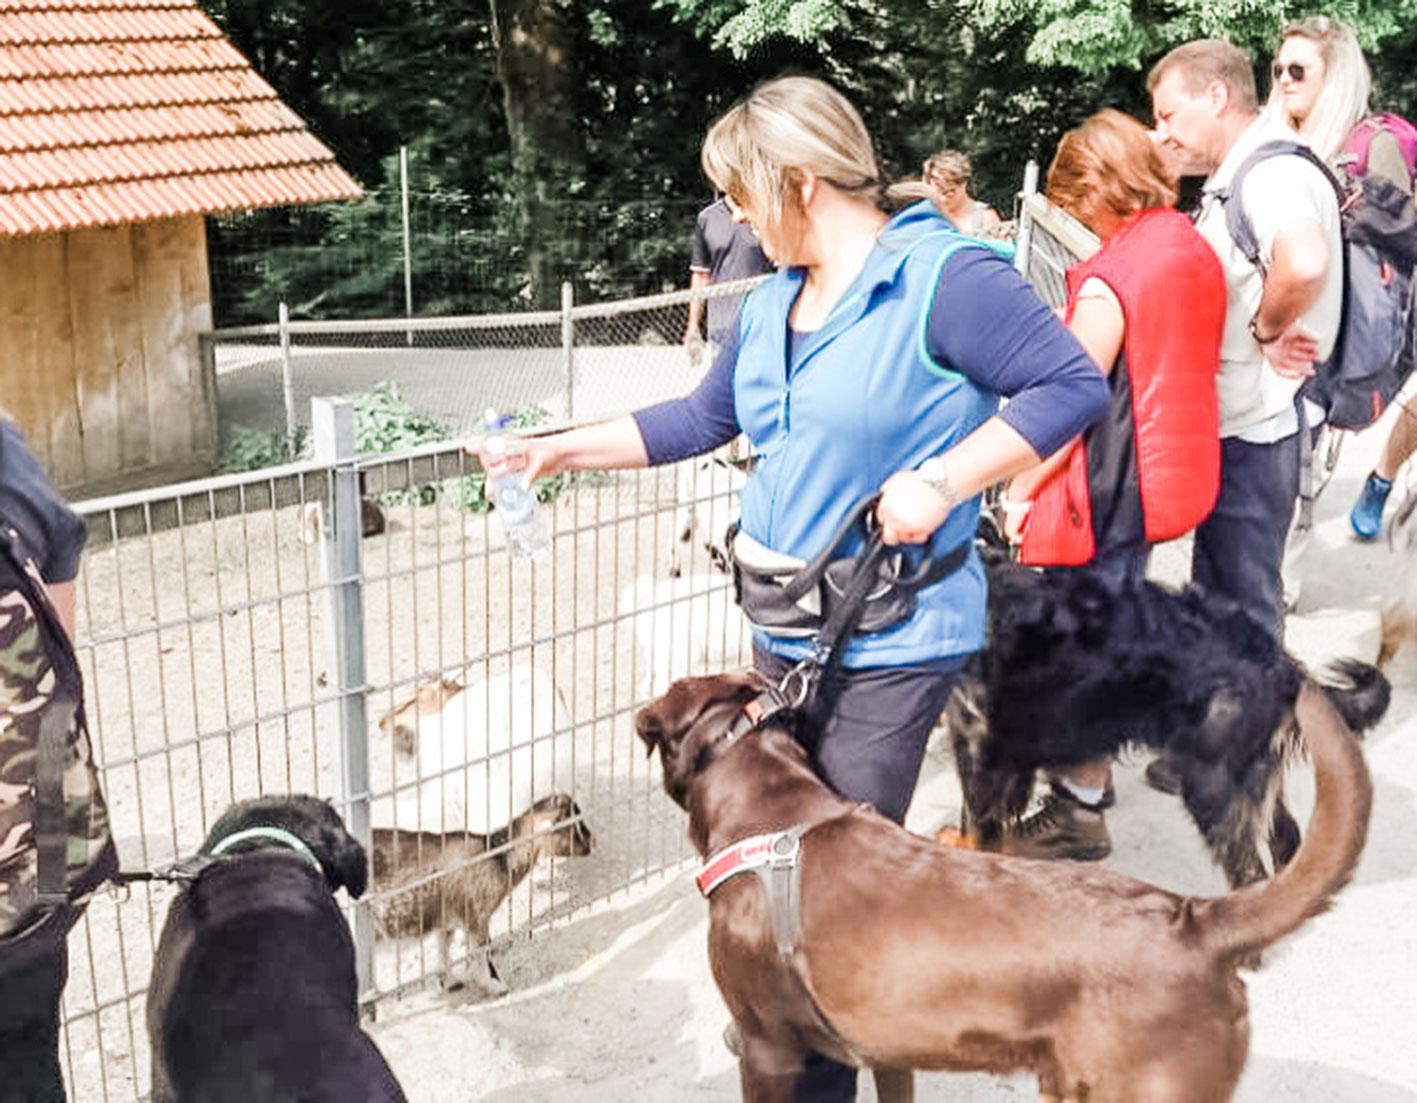 Mit dem hund im Zoo